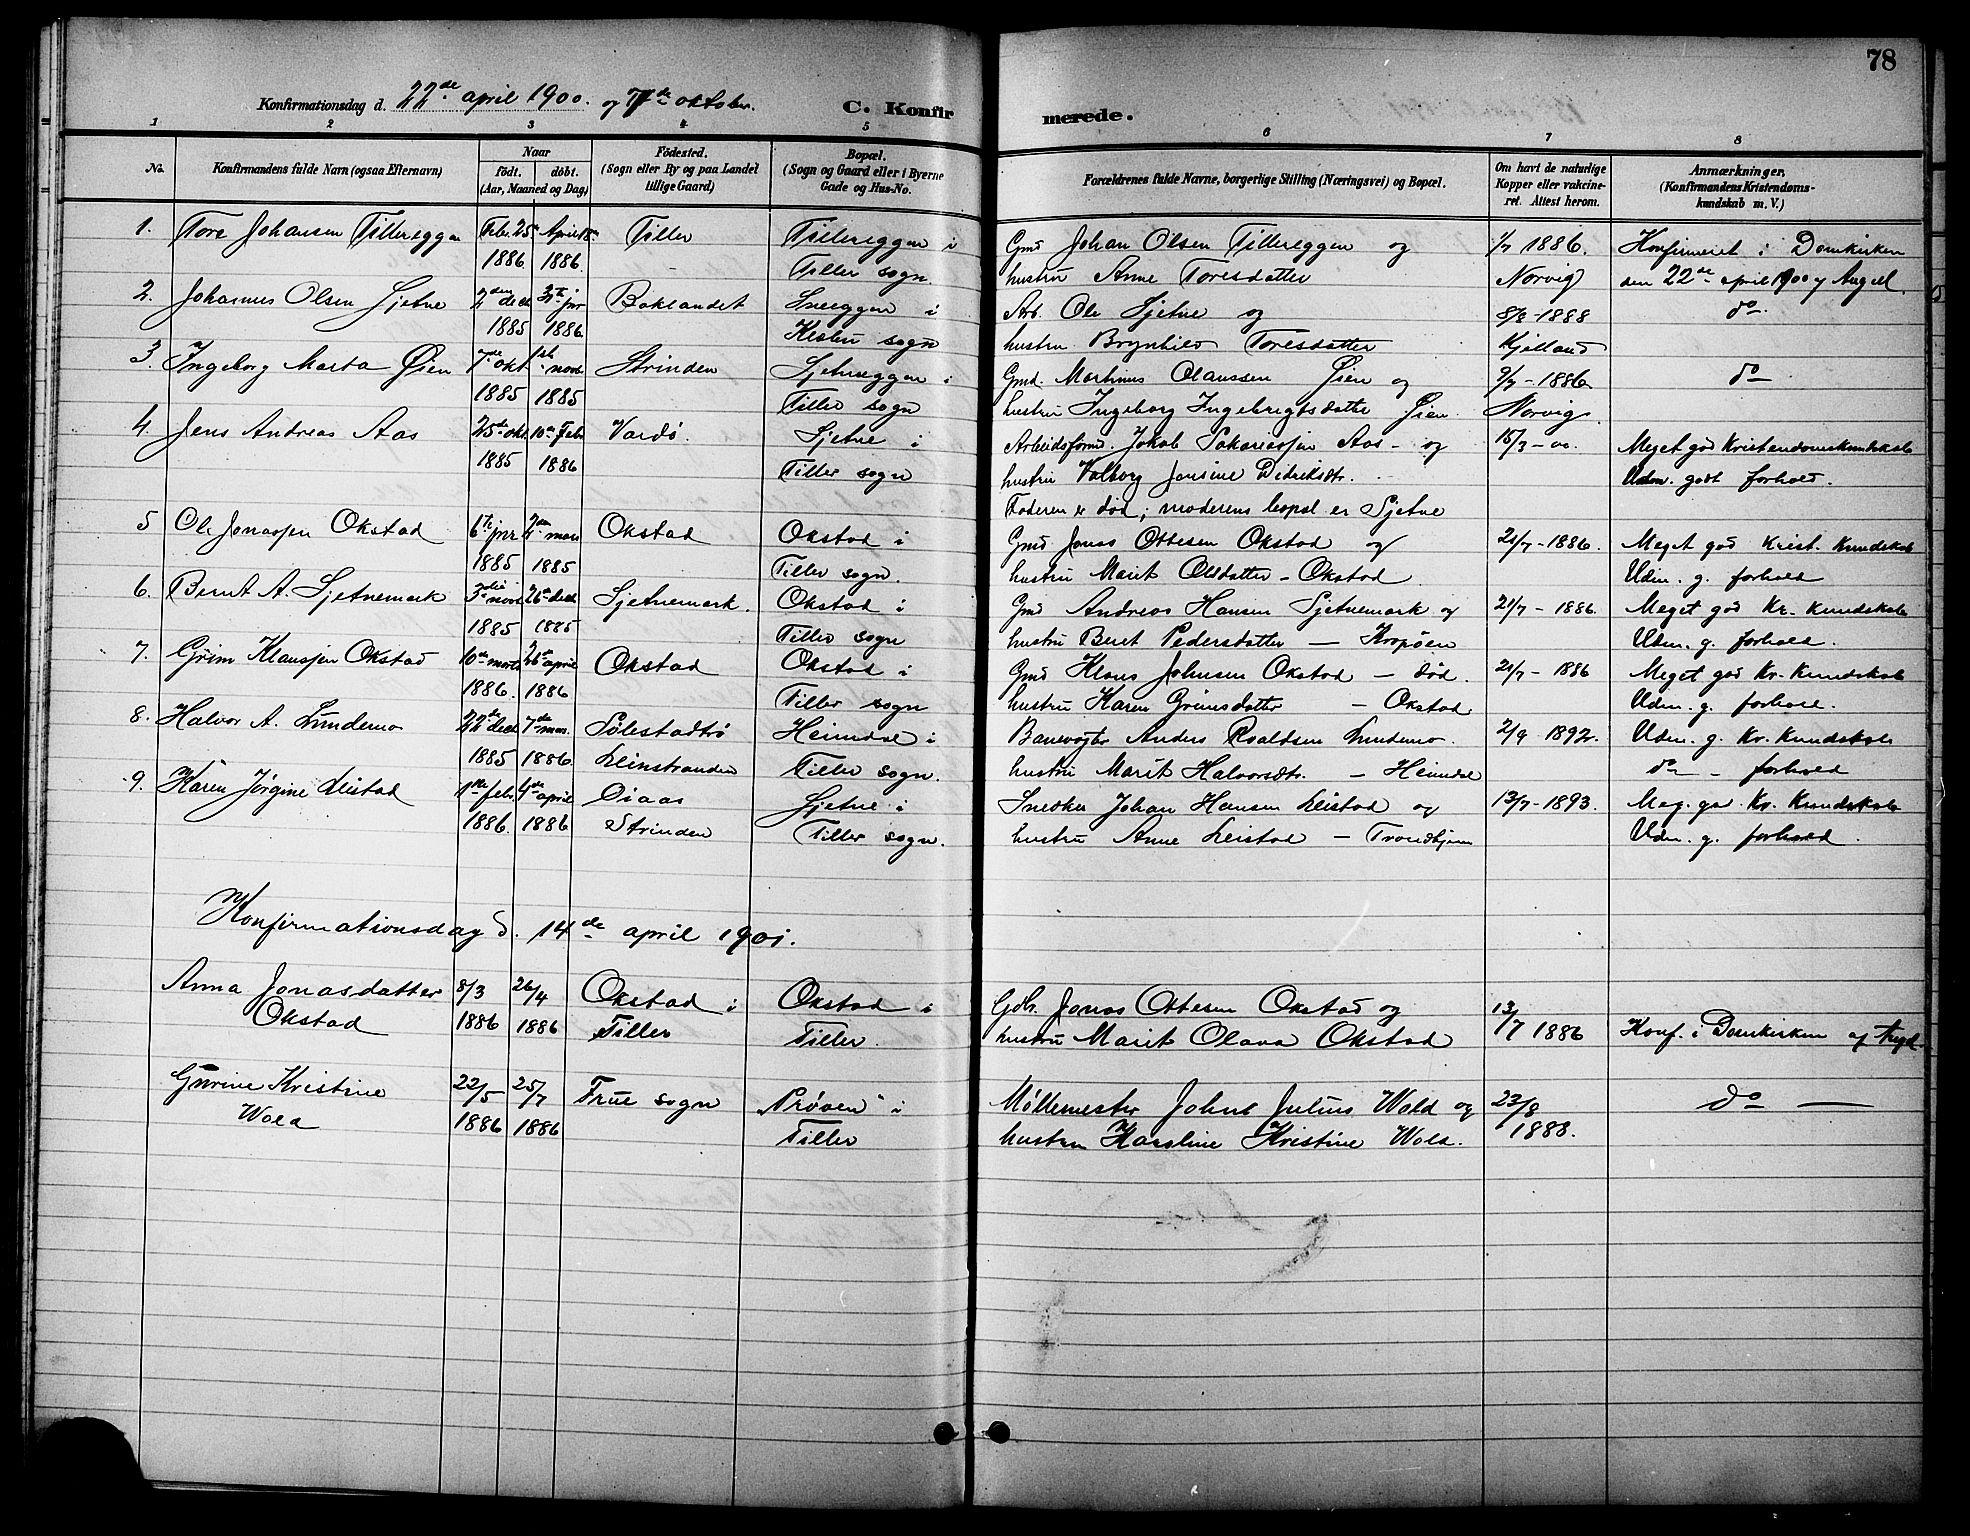 SAT, Ministerialprotokoller, klokkerbøker og fødselsregistre - Sør-Trøndelag, 621/L0460: Klokkerbok nr. 621C03, 1896-1914, s. 78